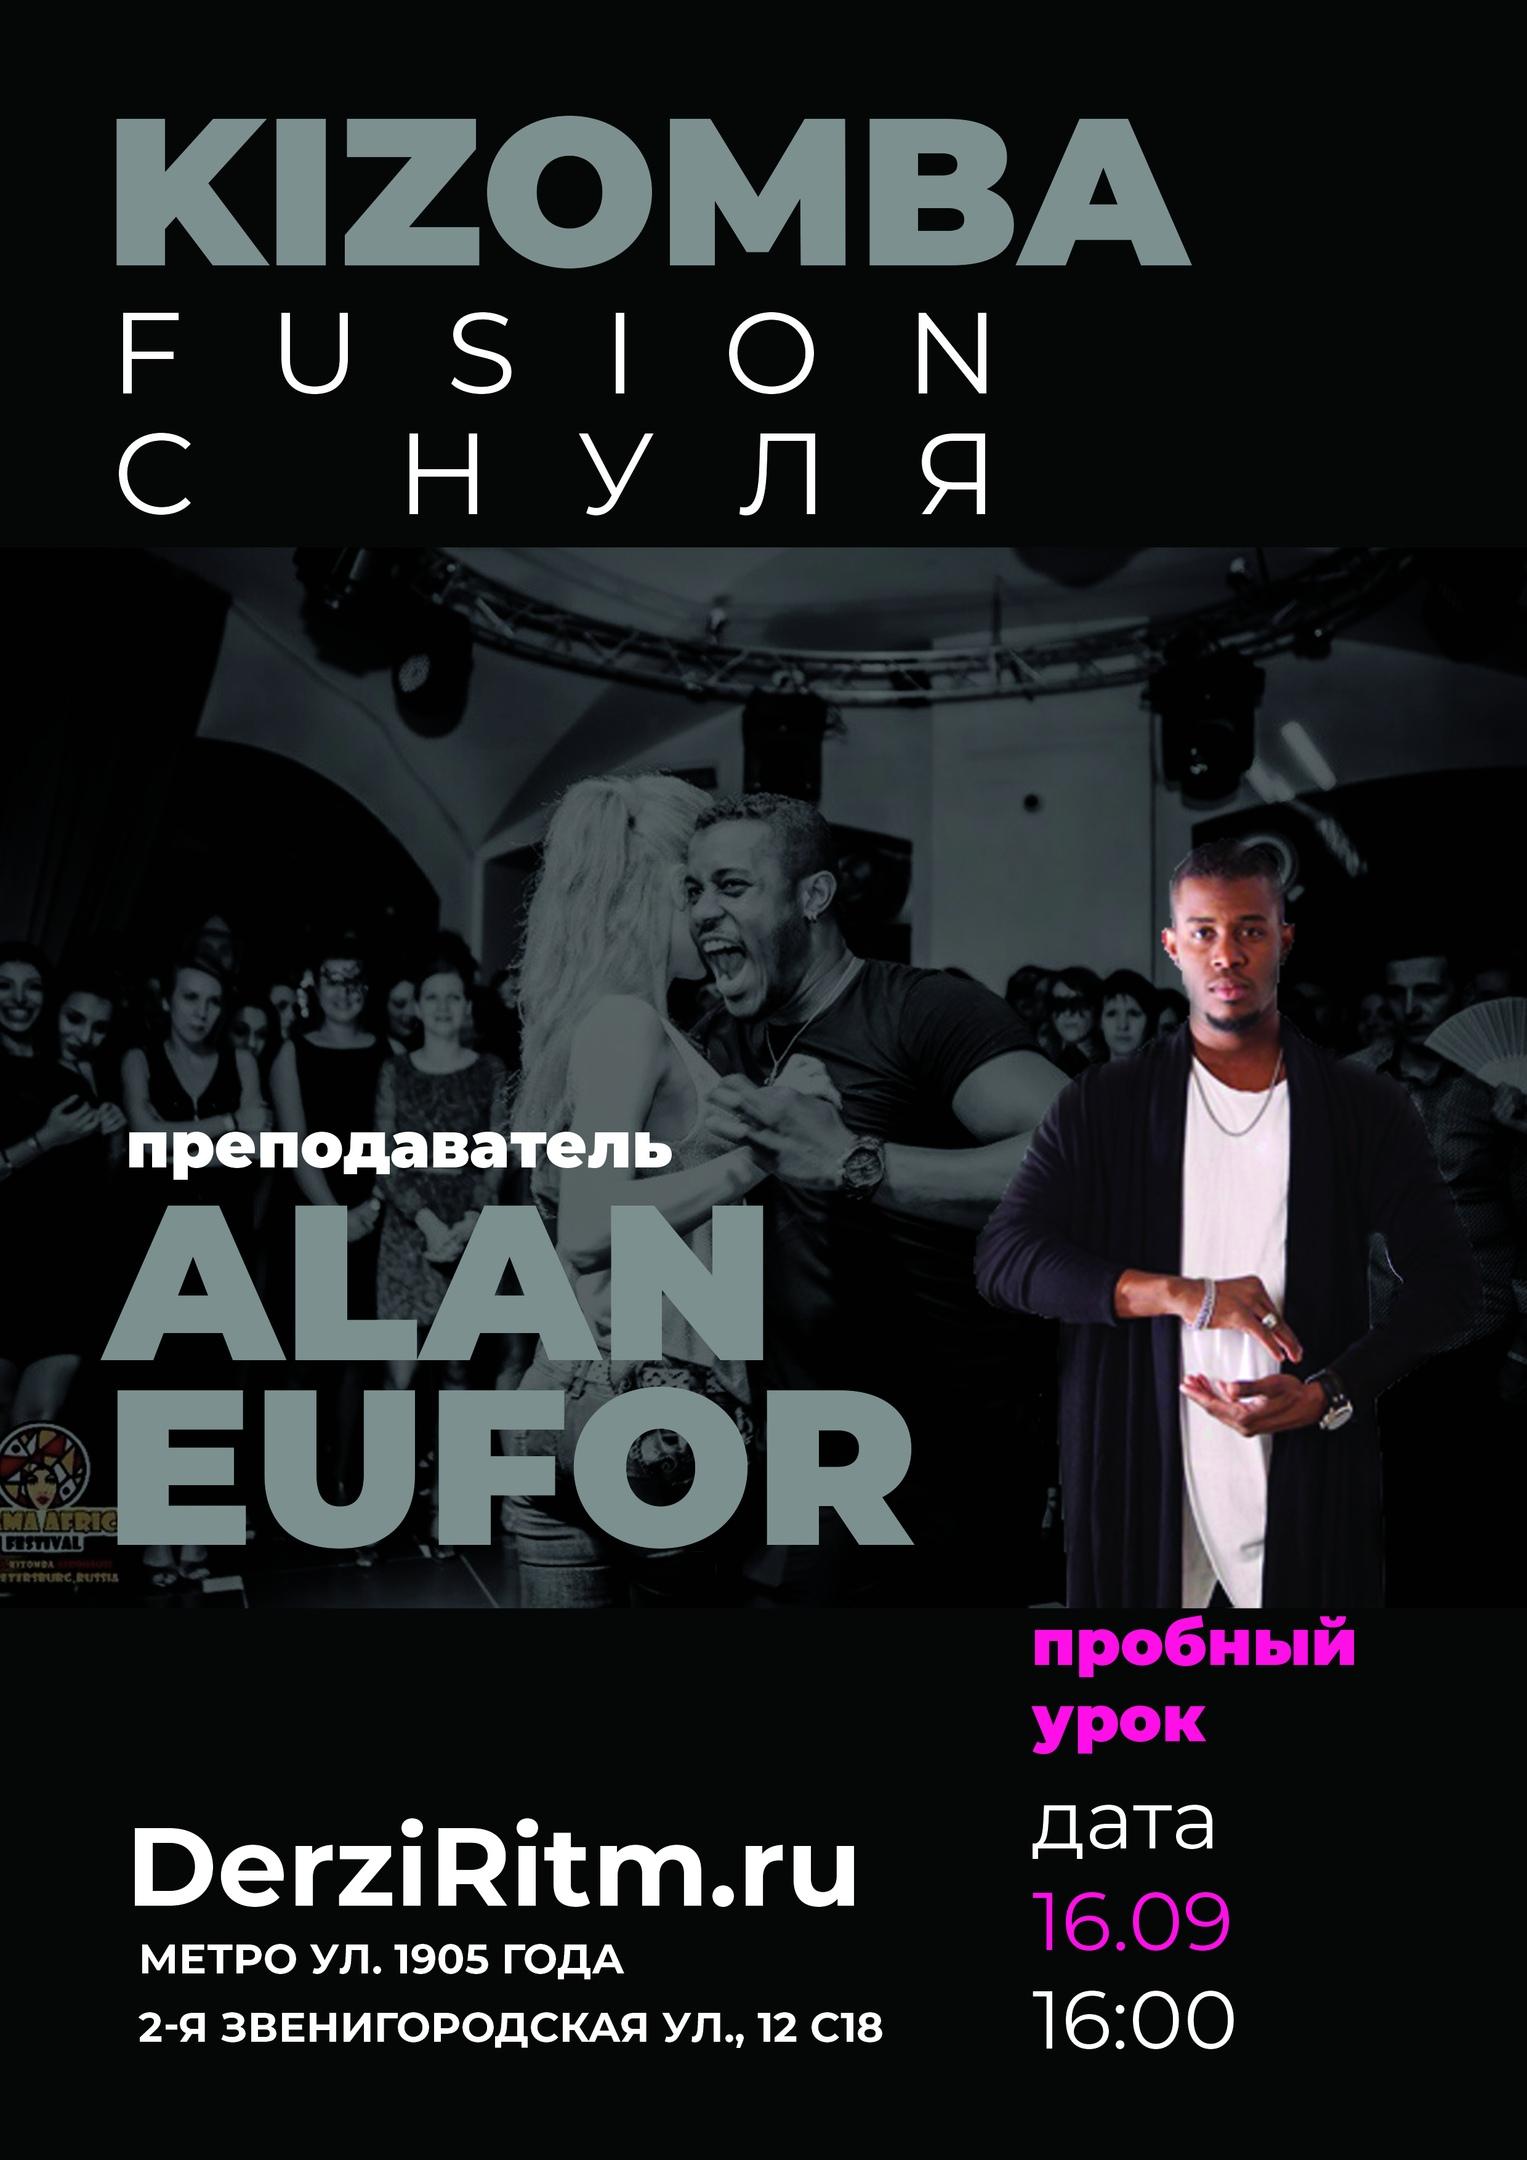 Alan Eufor